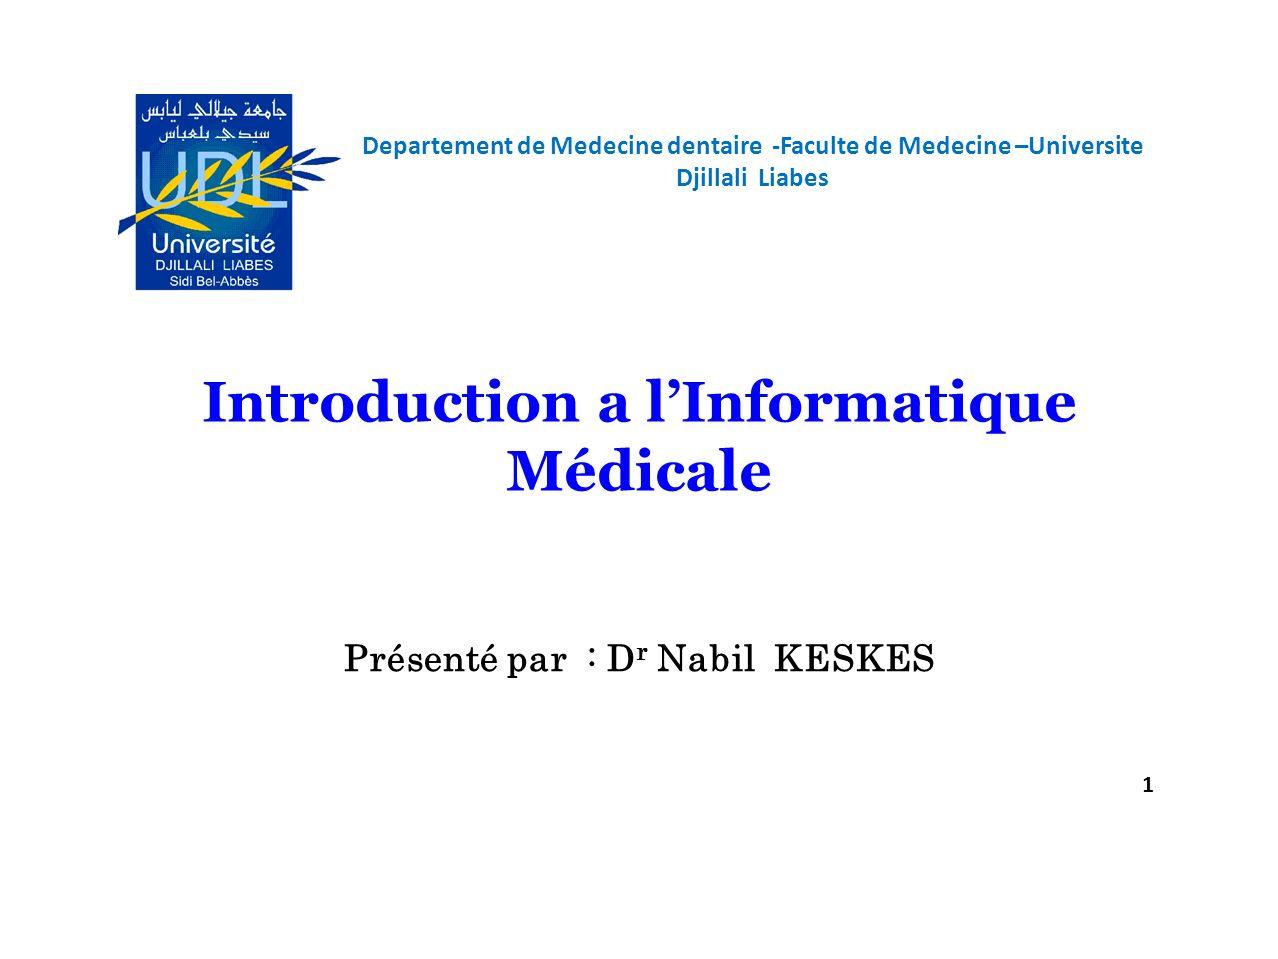 Introduction a l'Informatique Médicale